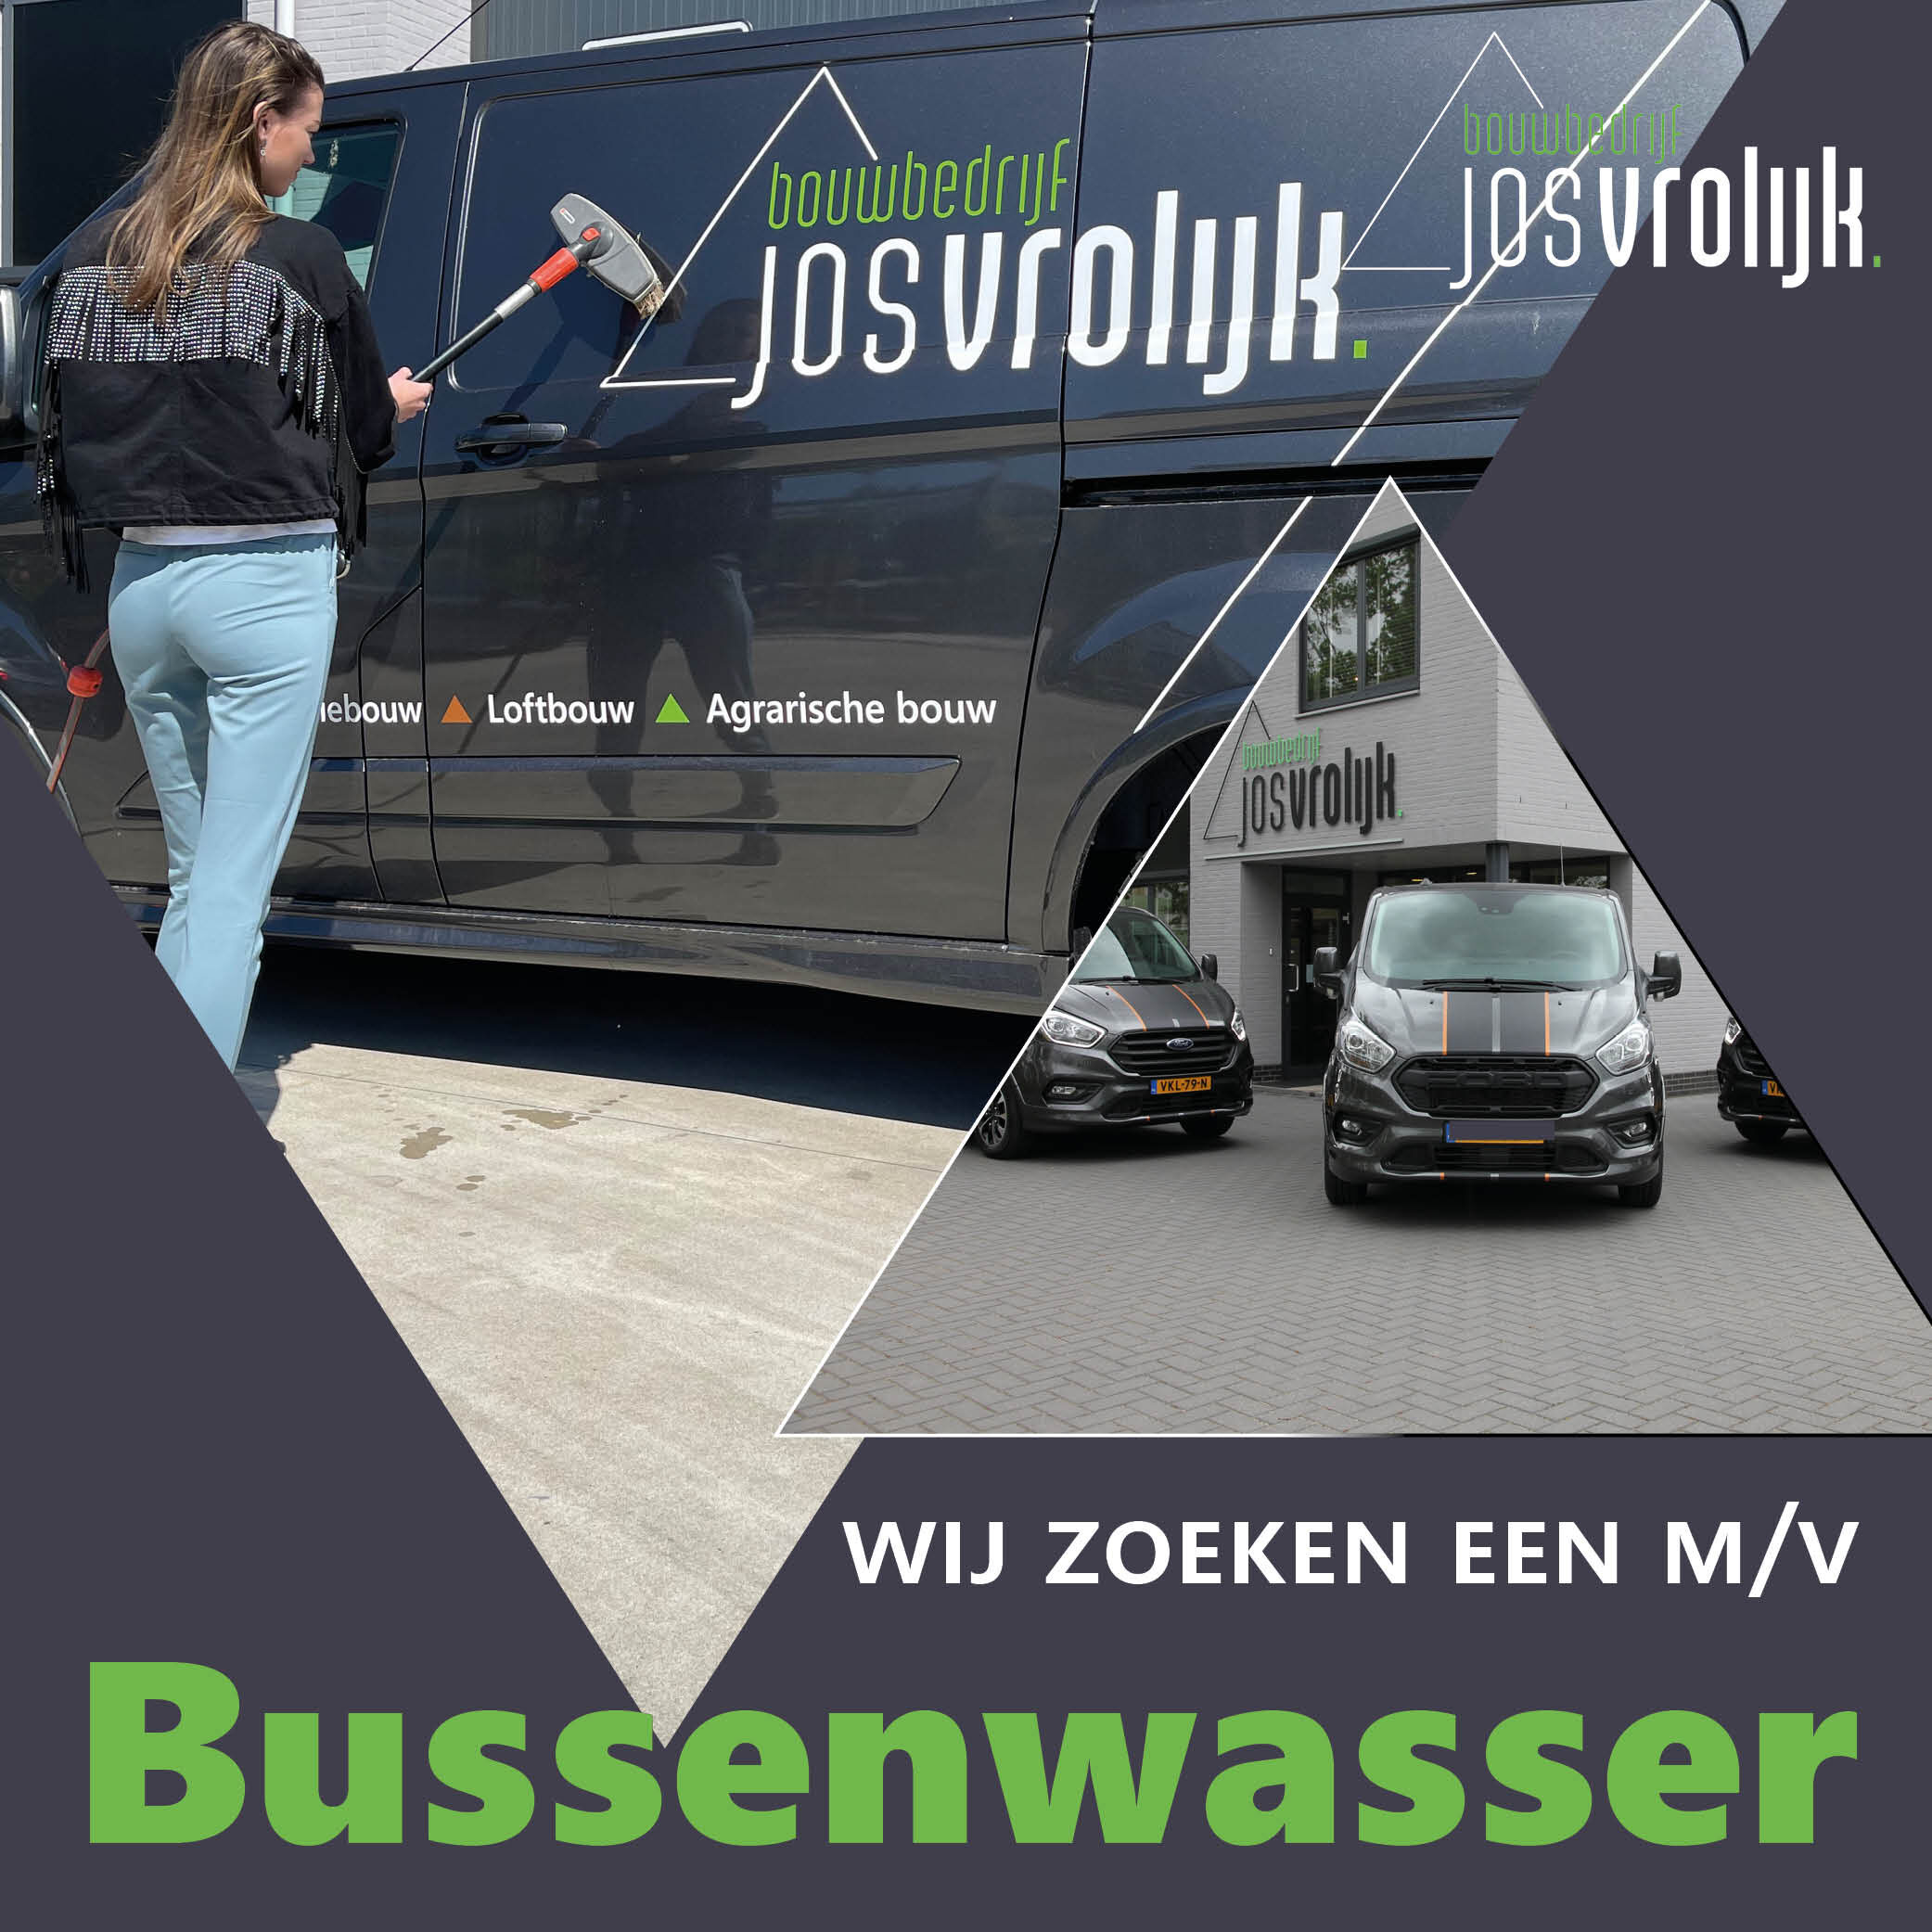 bussenwasser